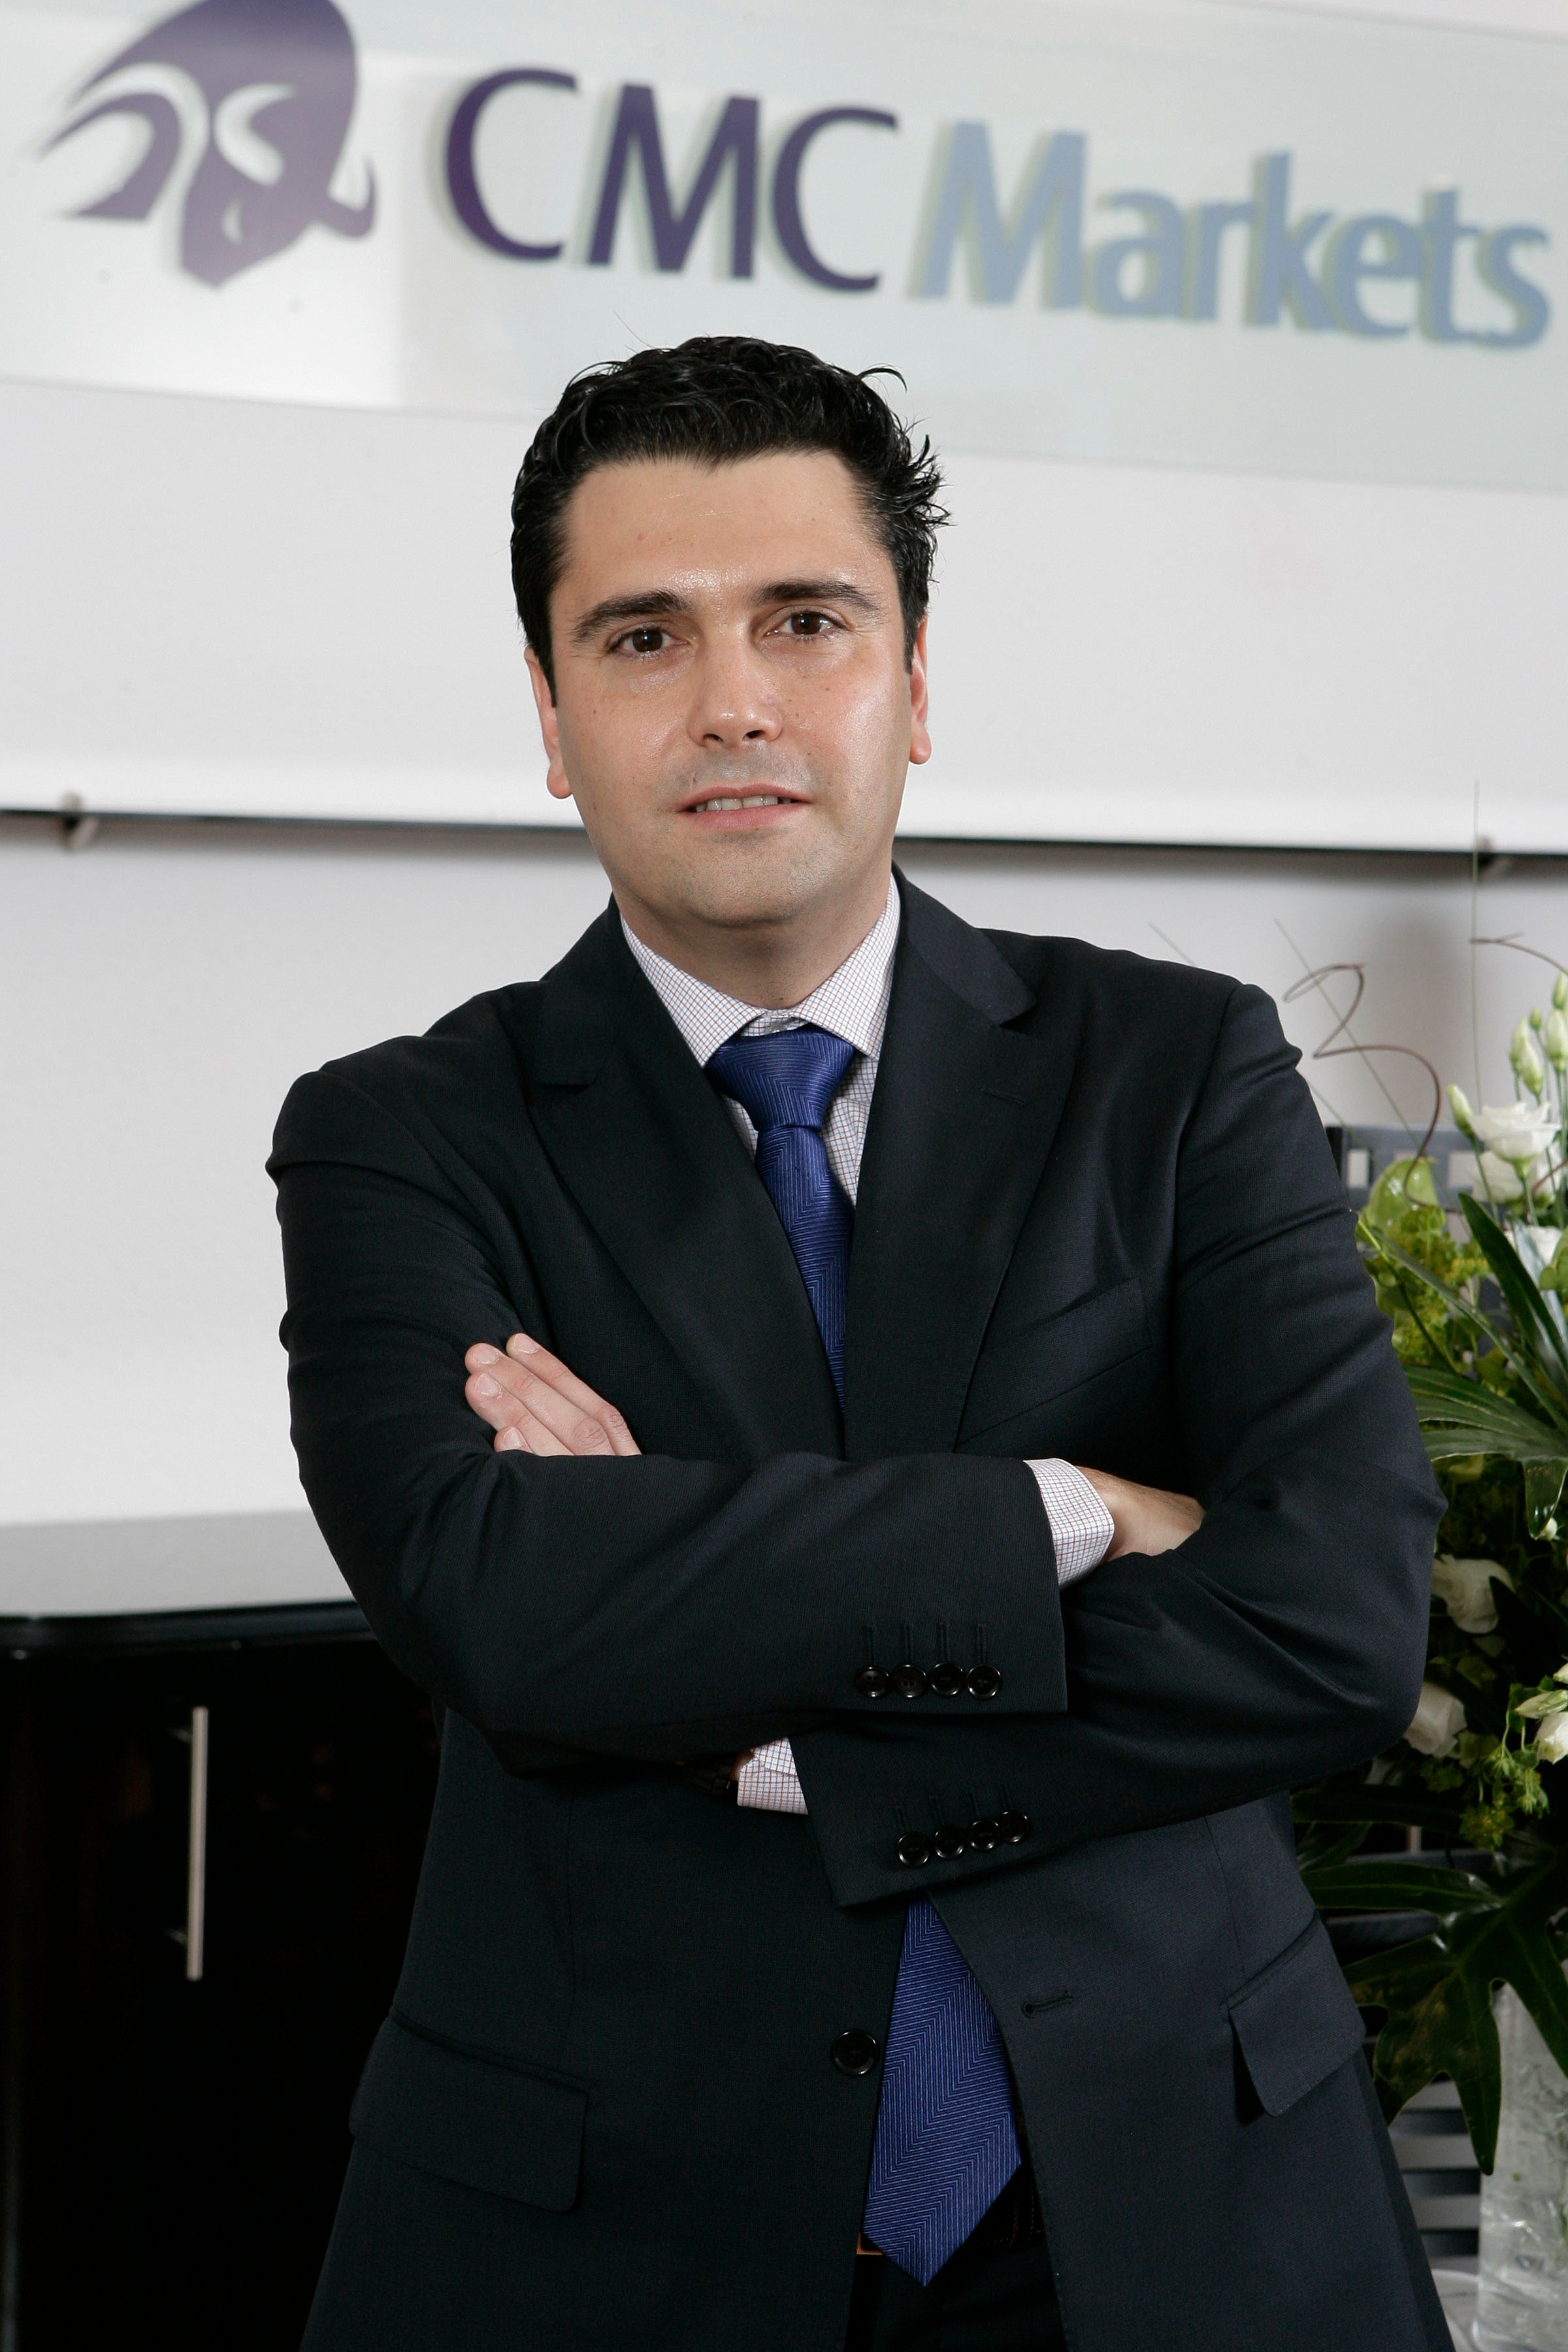 Enrique_Martí-1.jpg